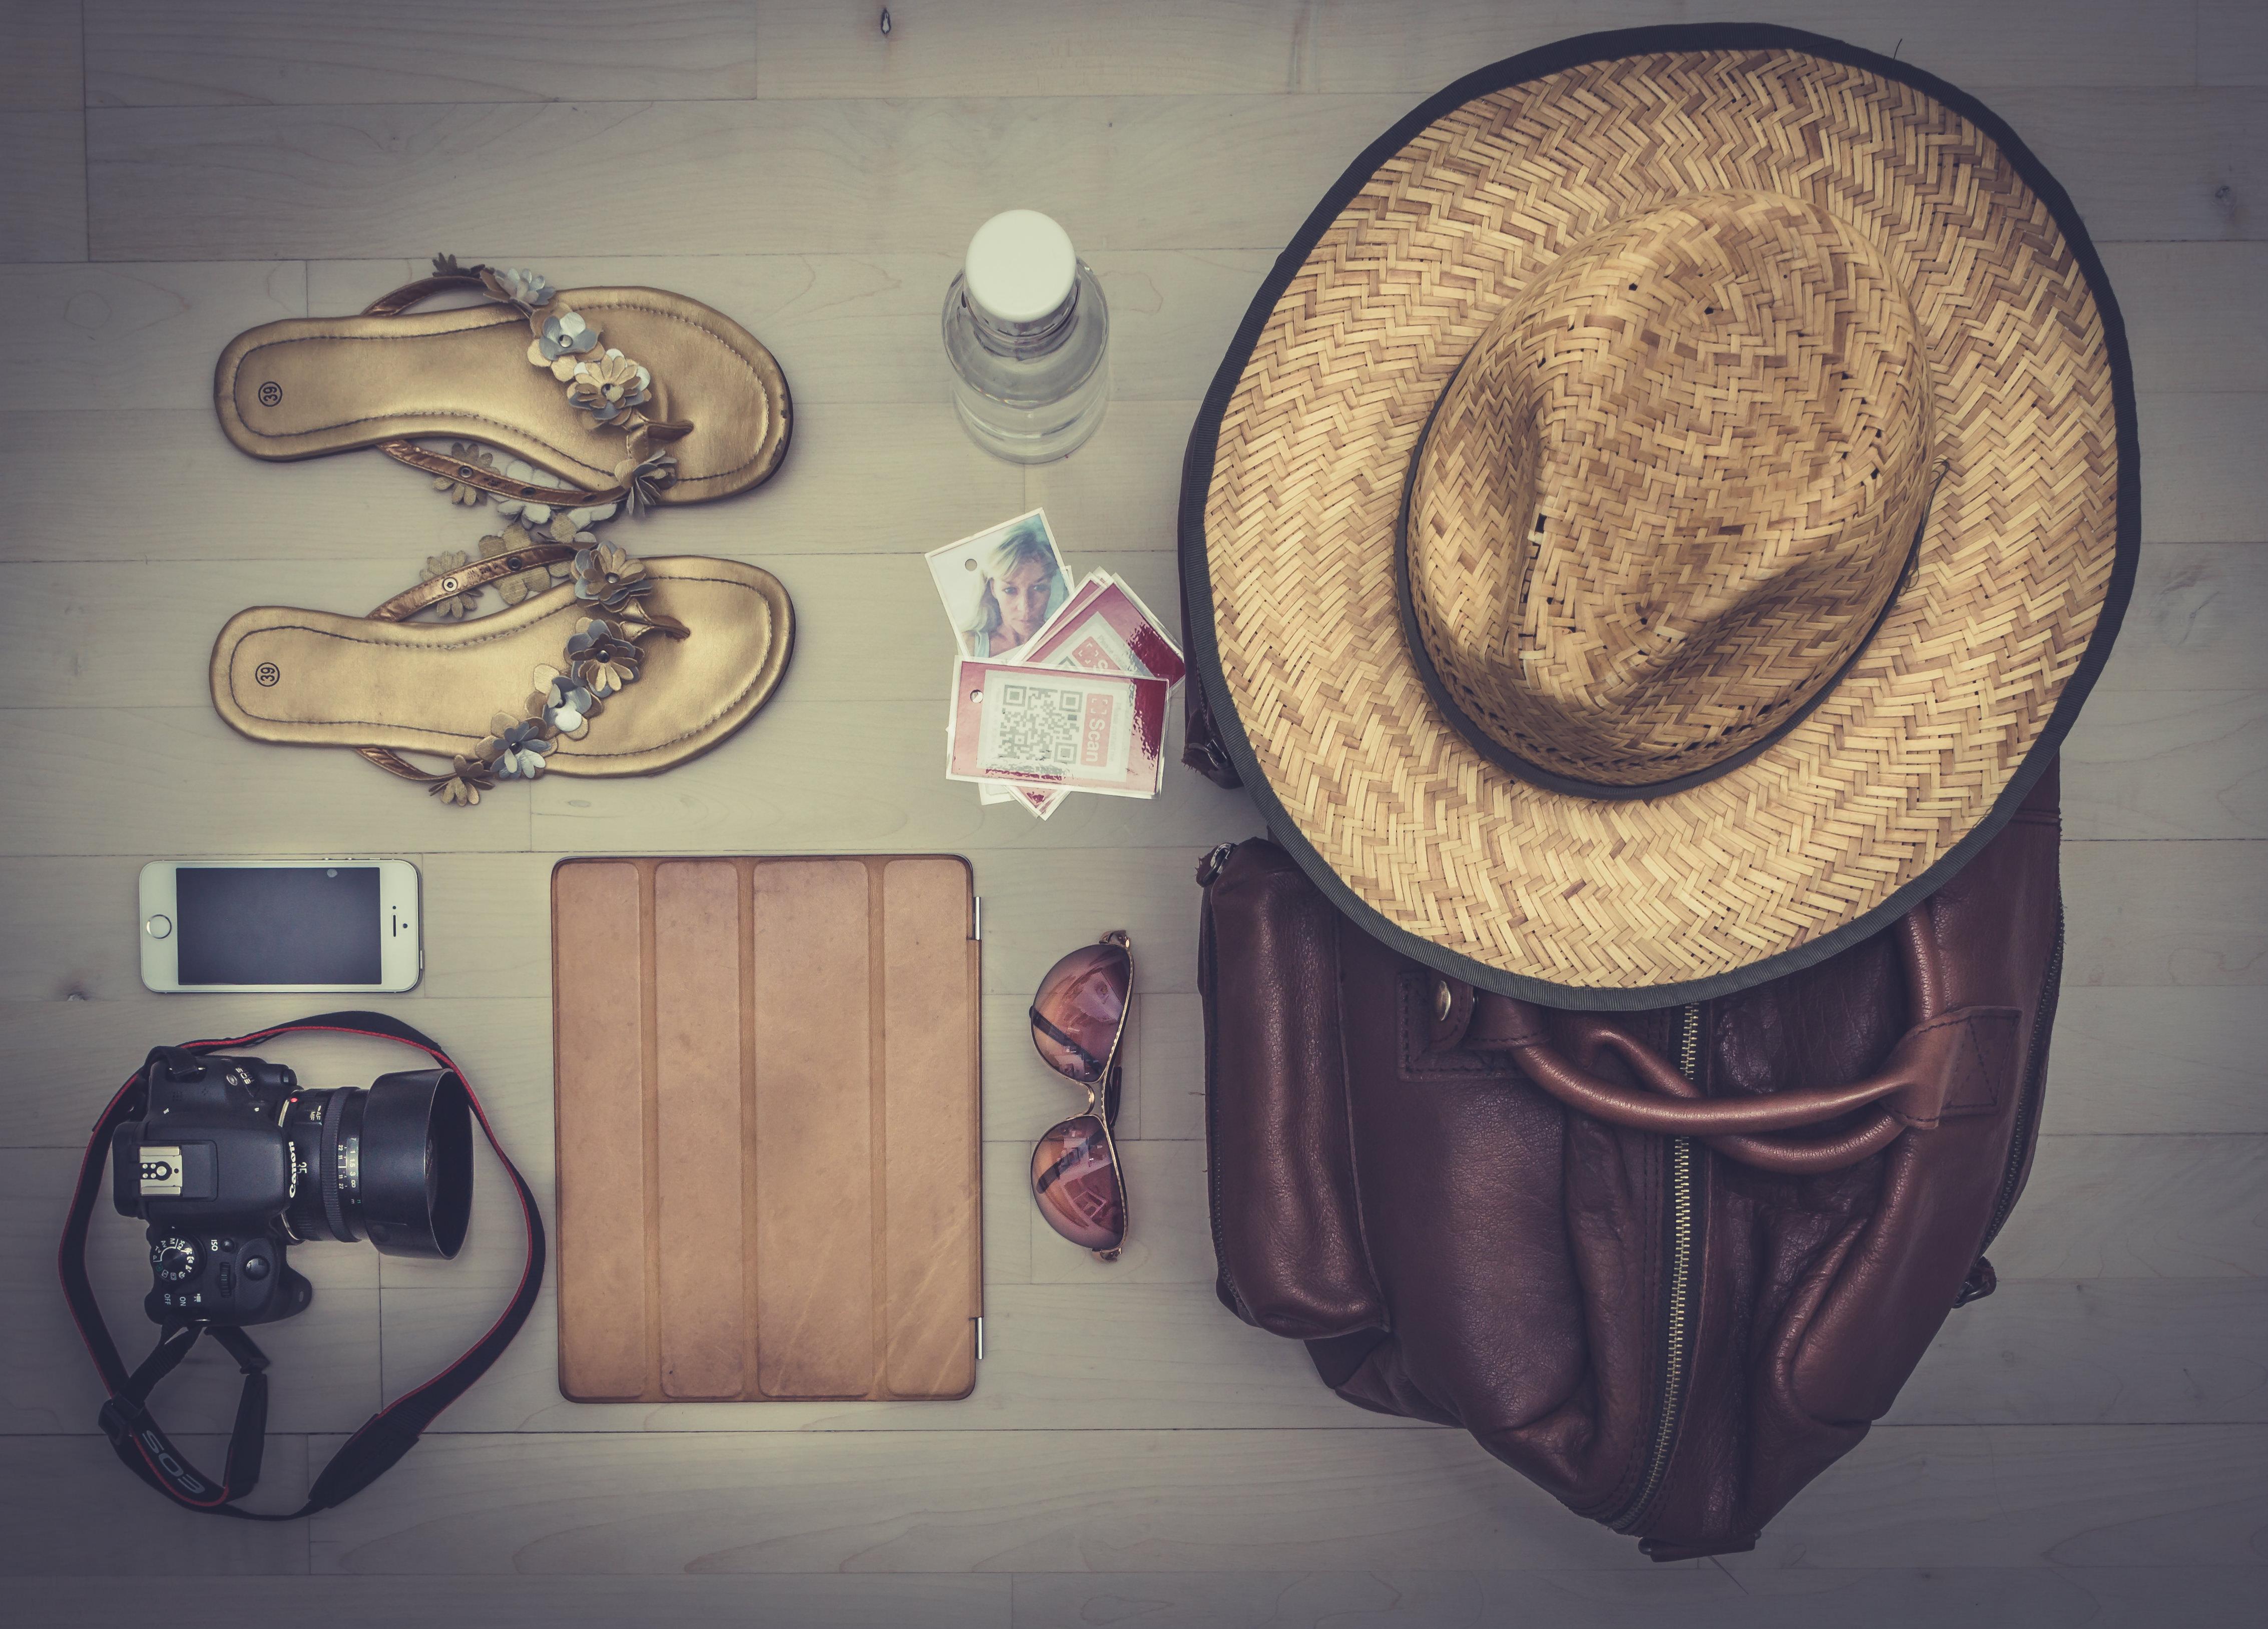 Die Sommerausrüstung einer Fotografin – Strohhut, Smartphone, Tablet und Spiegelreflexkamera.